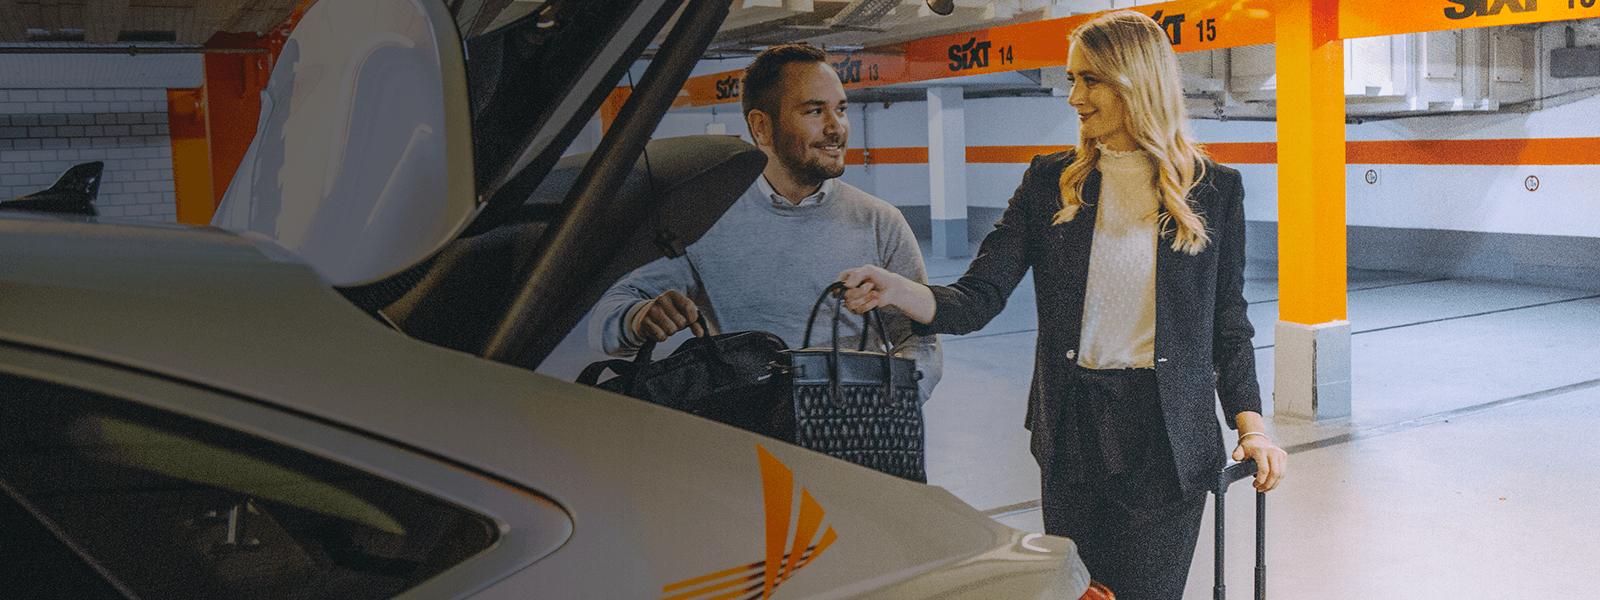 sixt share de II airport fuel charge 13 van 75